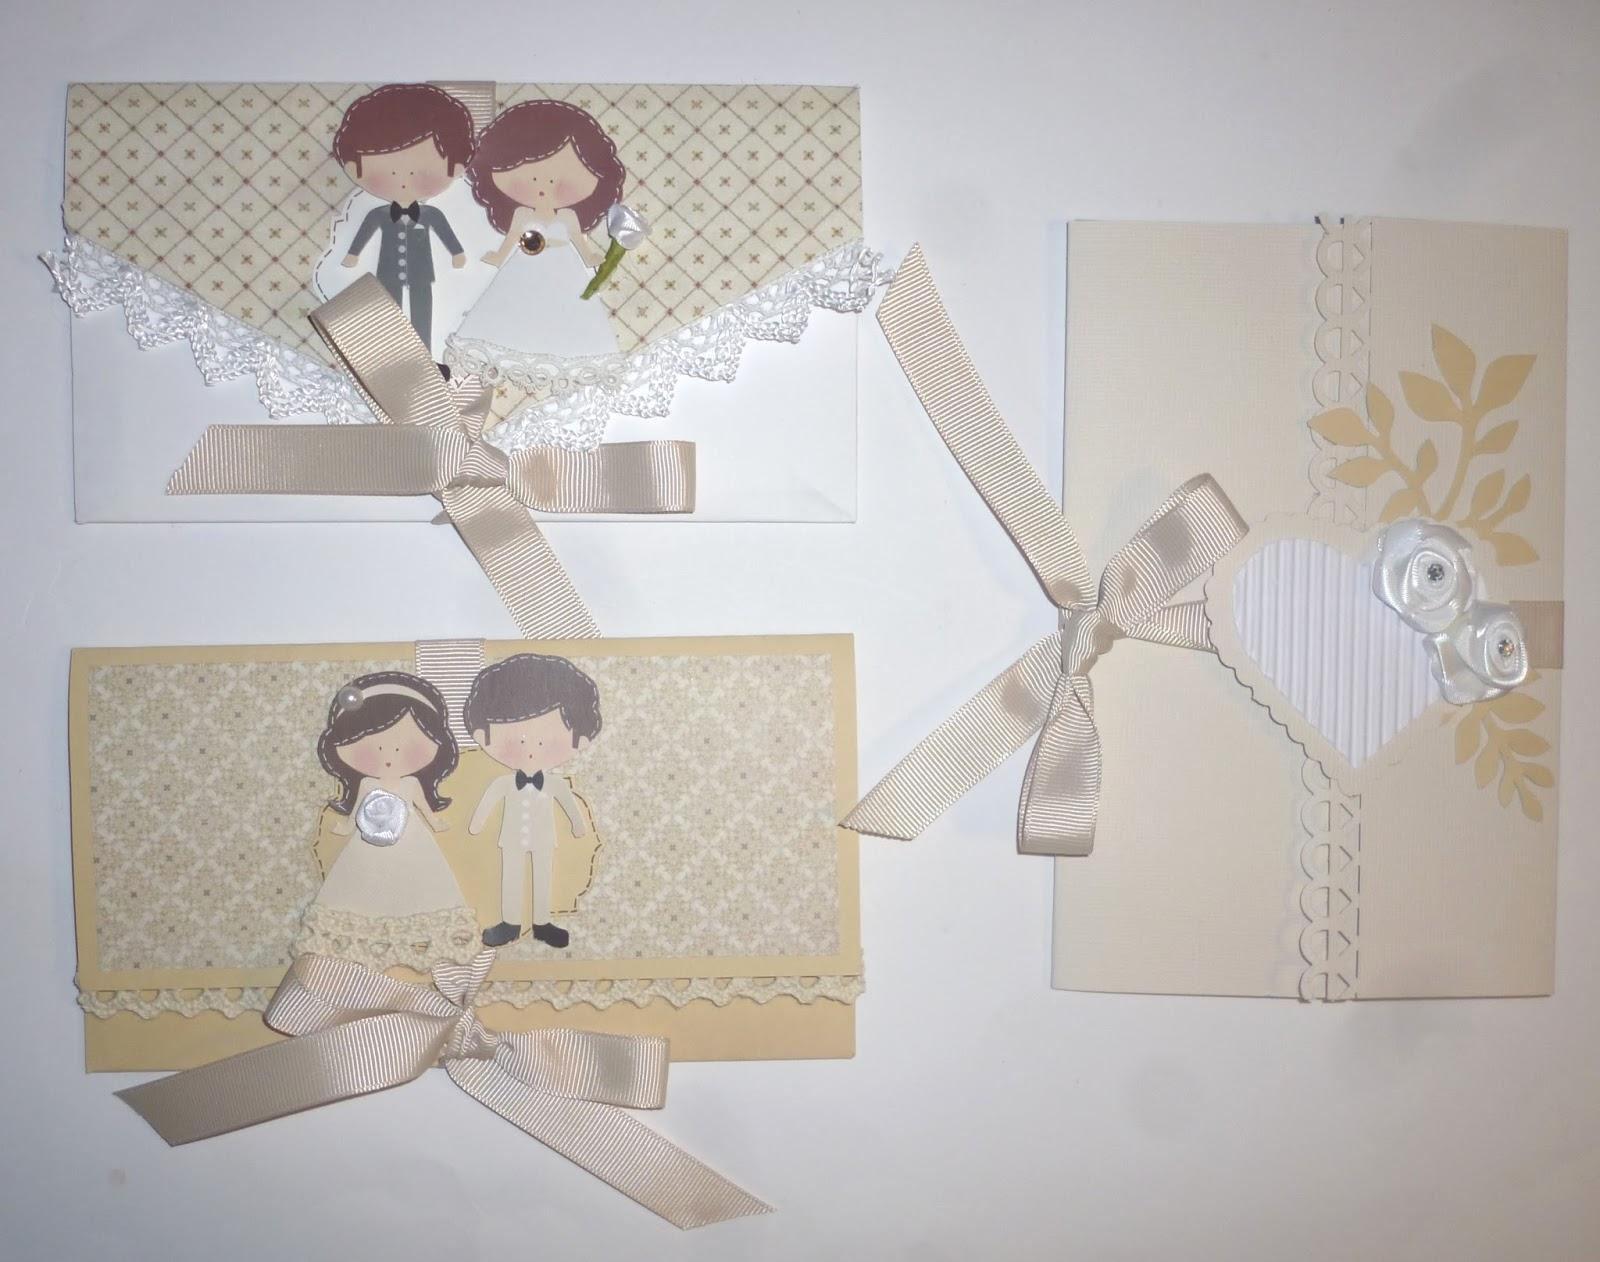 Famoso cartoncino mio: Tre buste per un matrimonio BF54